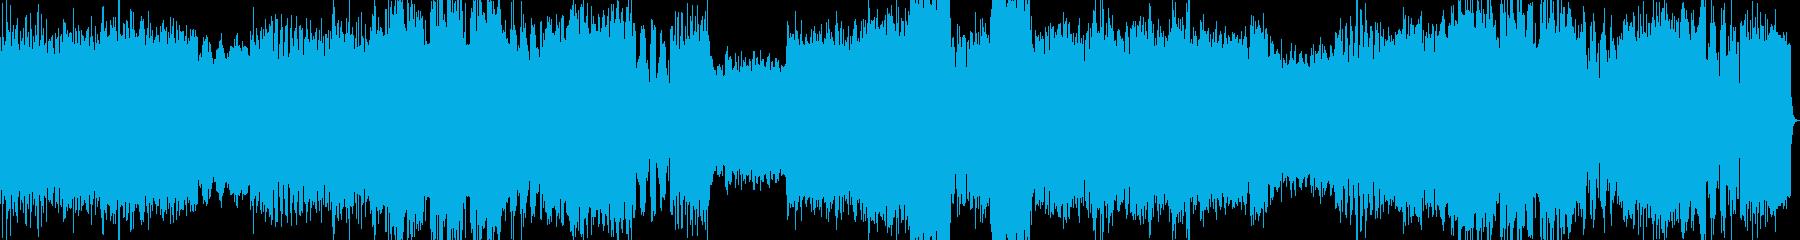 激しい戦闘BGMの再生済みの波形